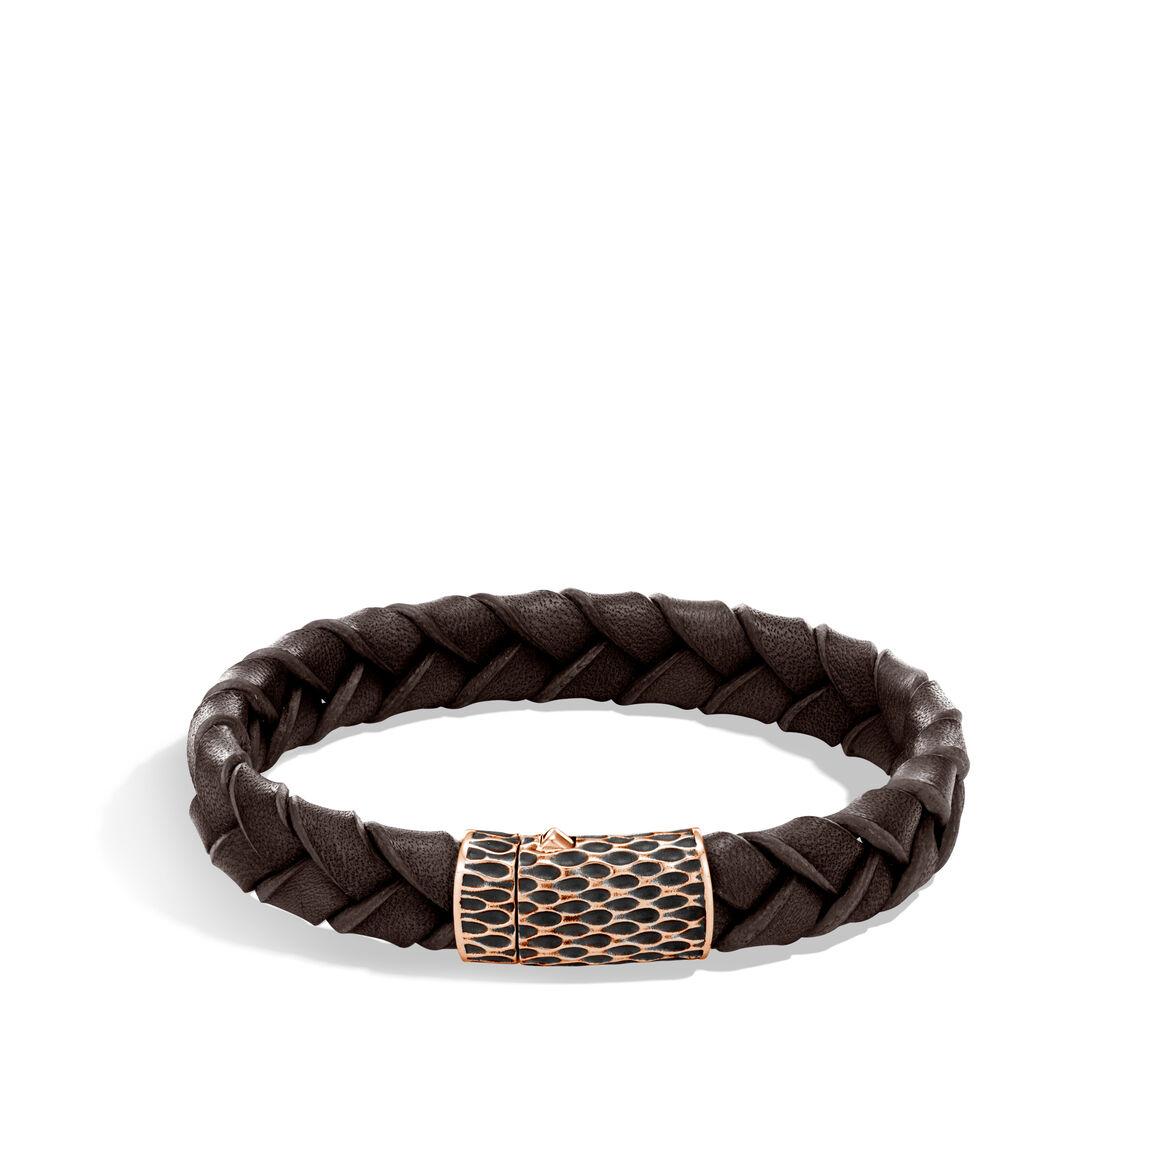 Legends Naga 12MM Station Bracelet, Bronze and Leather